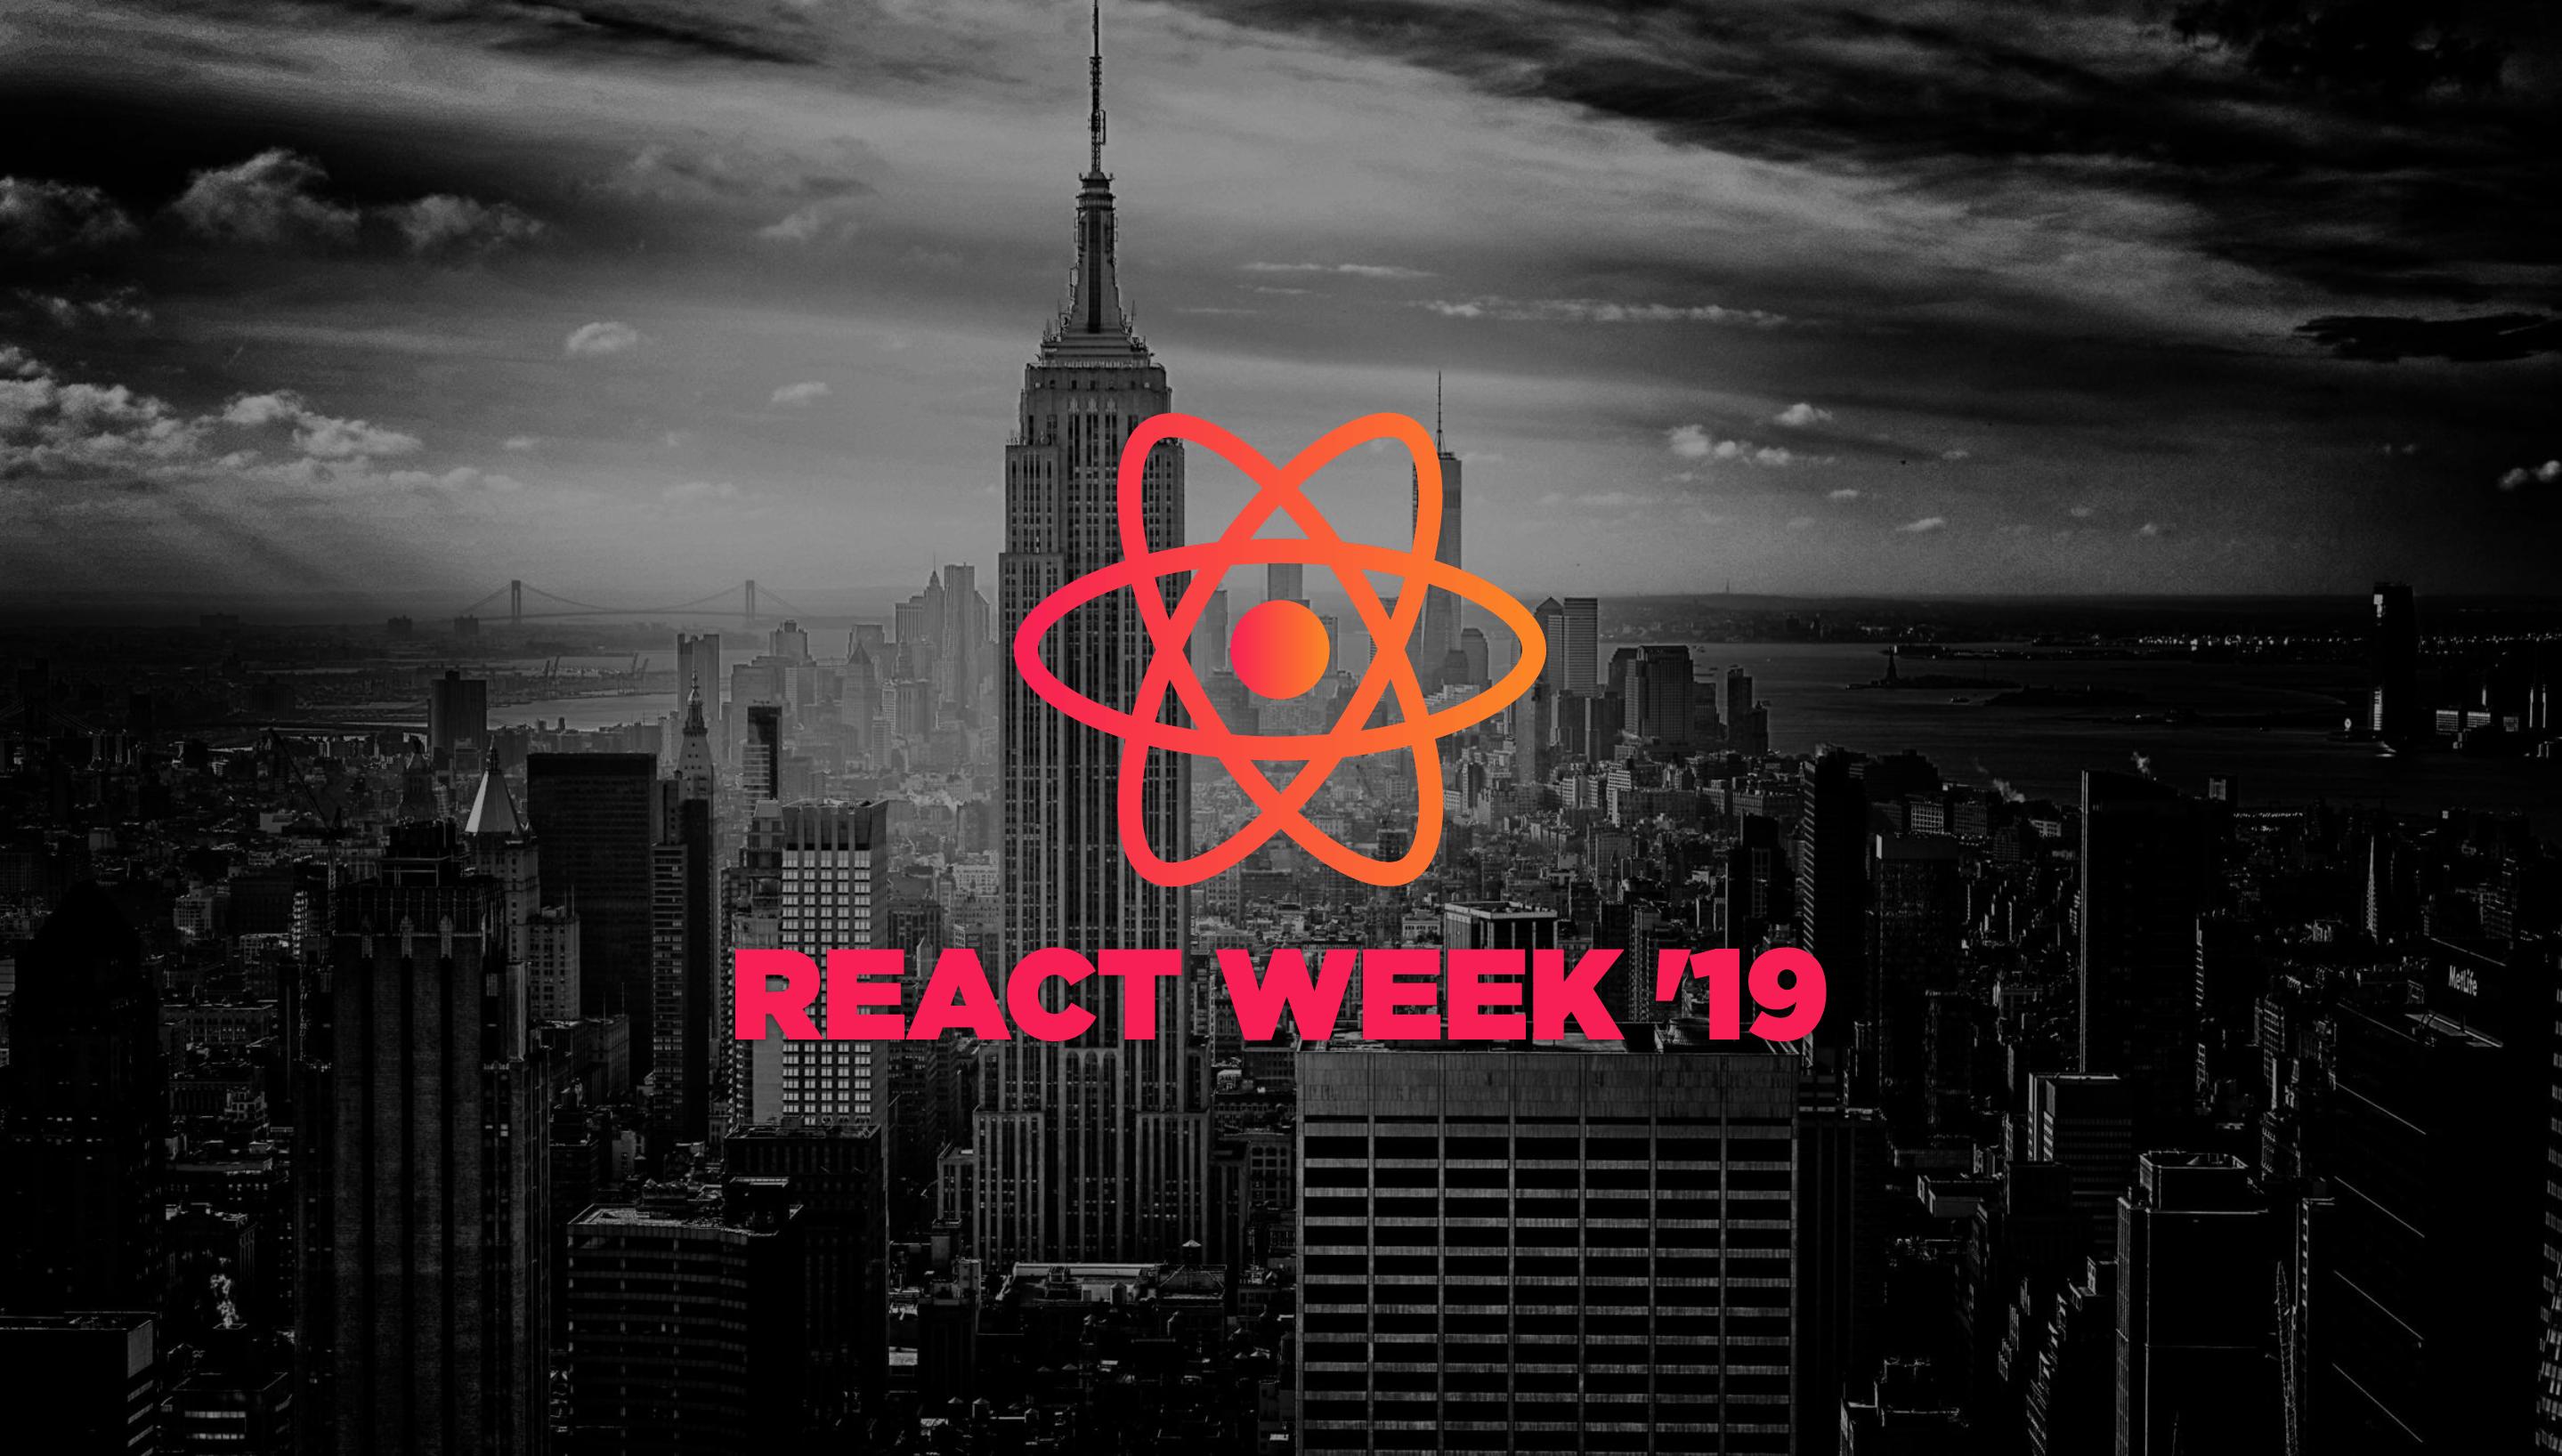 React Week NY 19